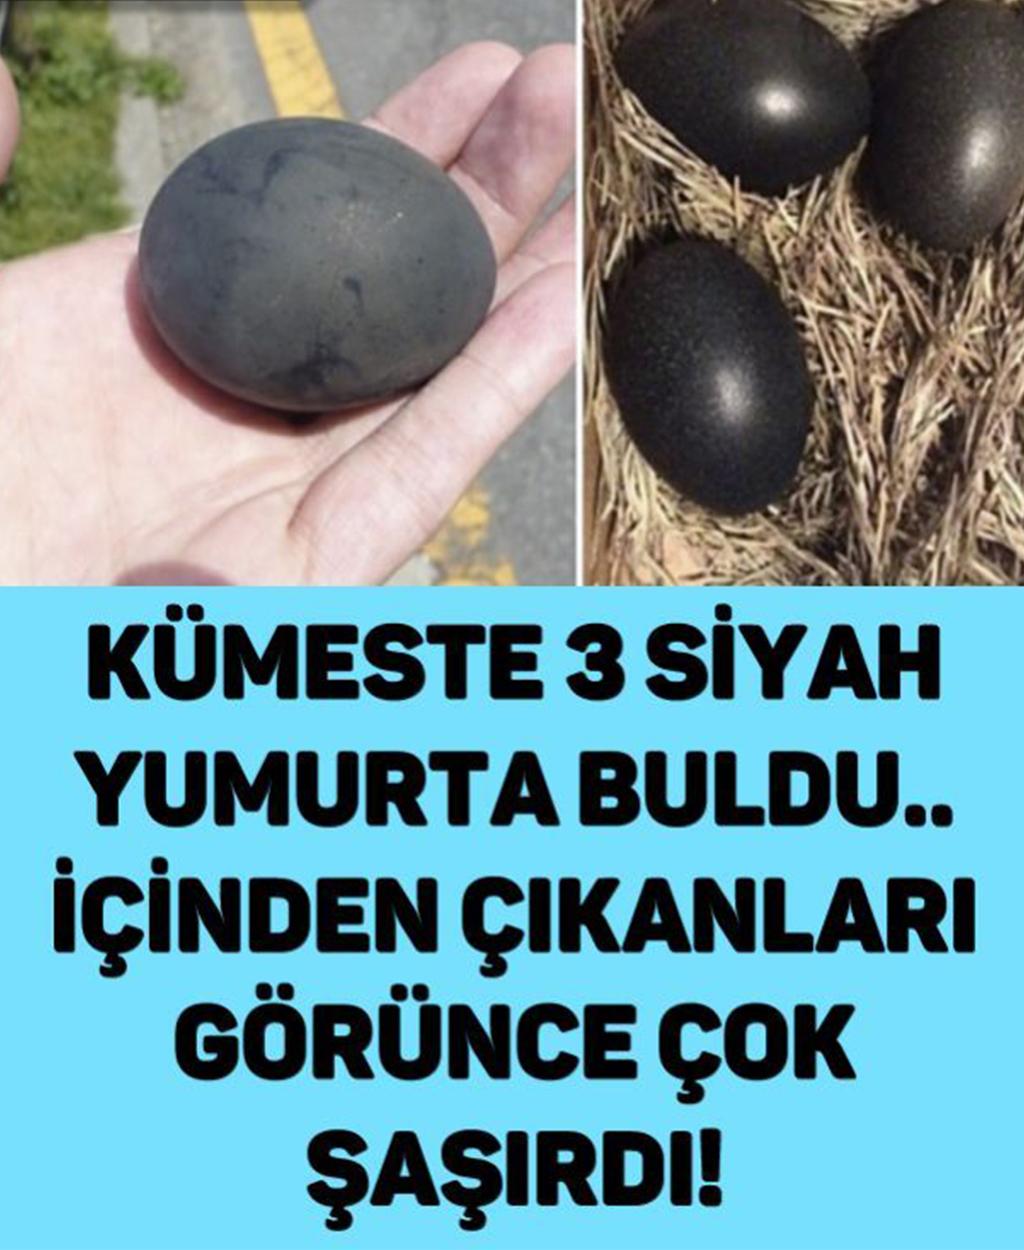 Kümeste 3 Siyah Yumurta Buldu Ve İçinden Çıkanlara Şaşırıp Kaldı